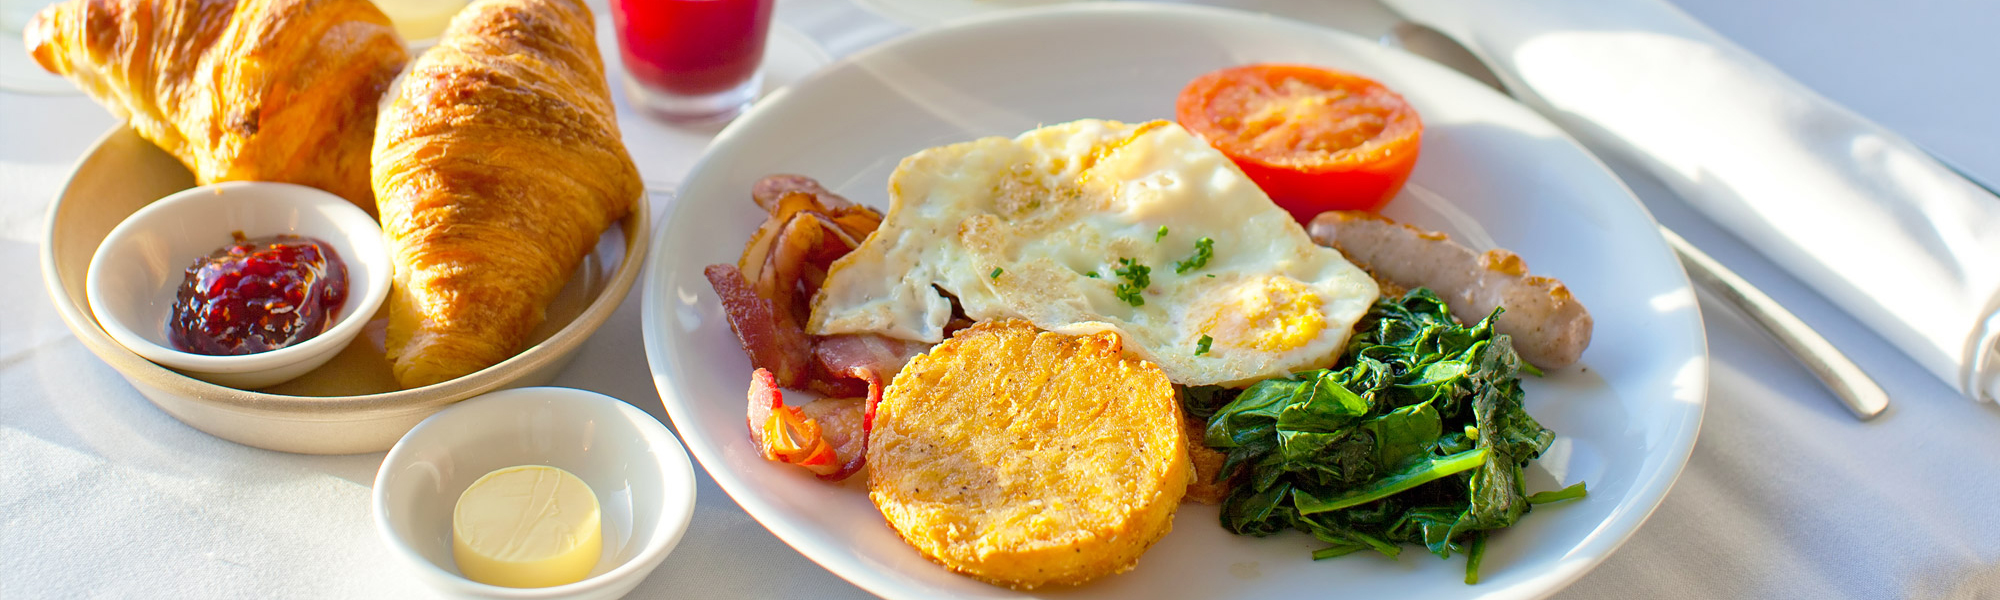 Breakfast Package at San Diego Hotel